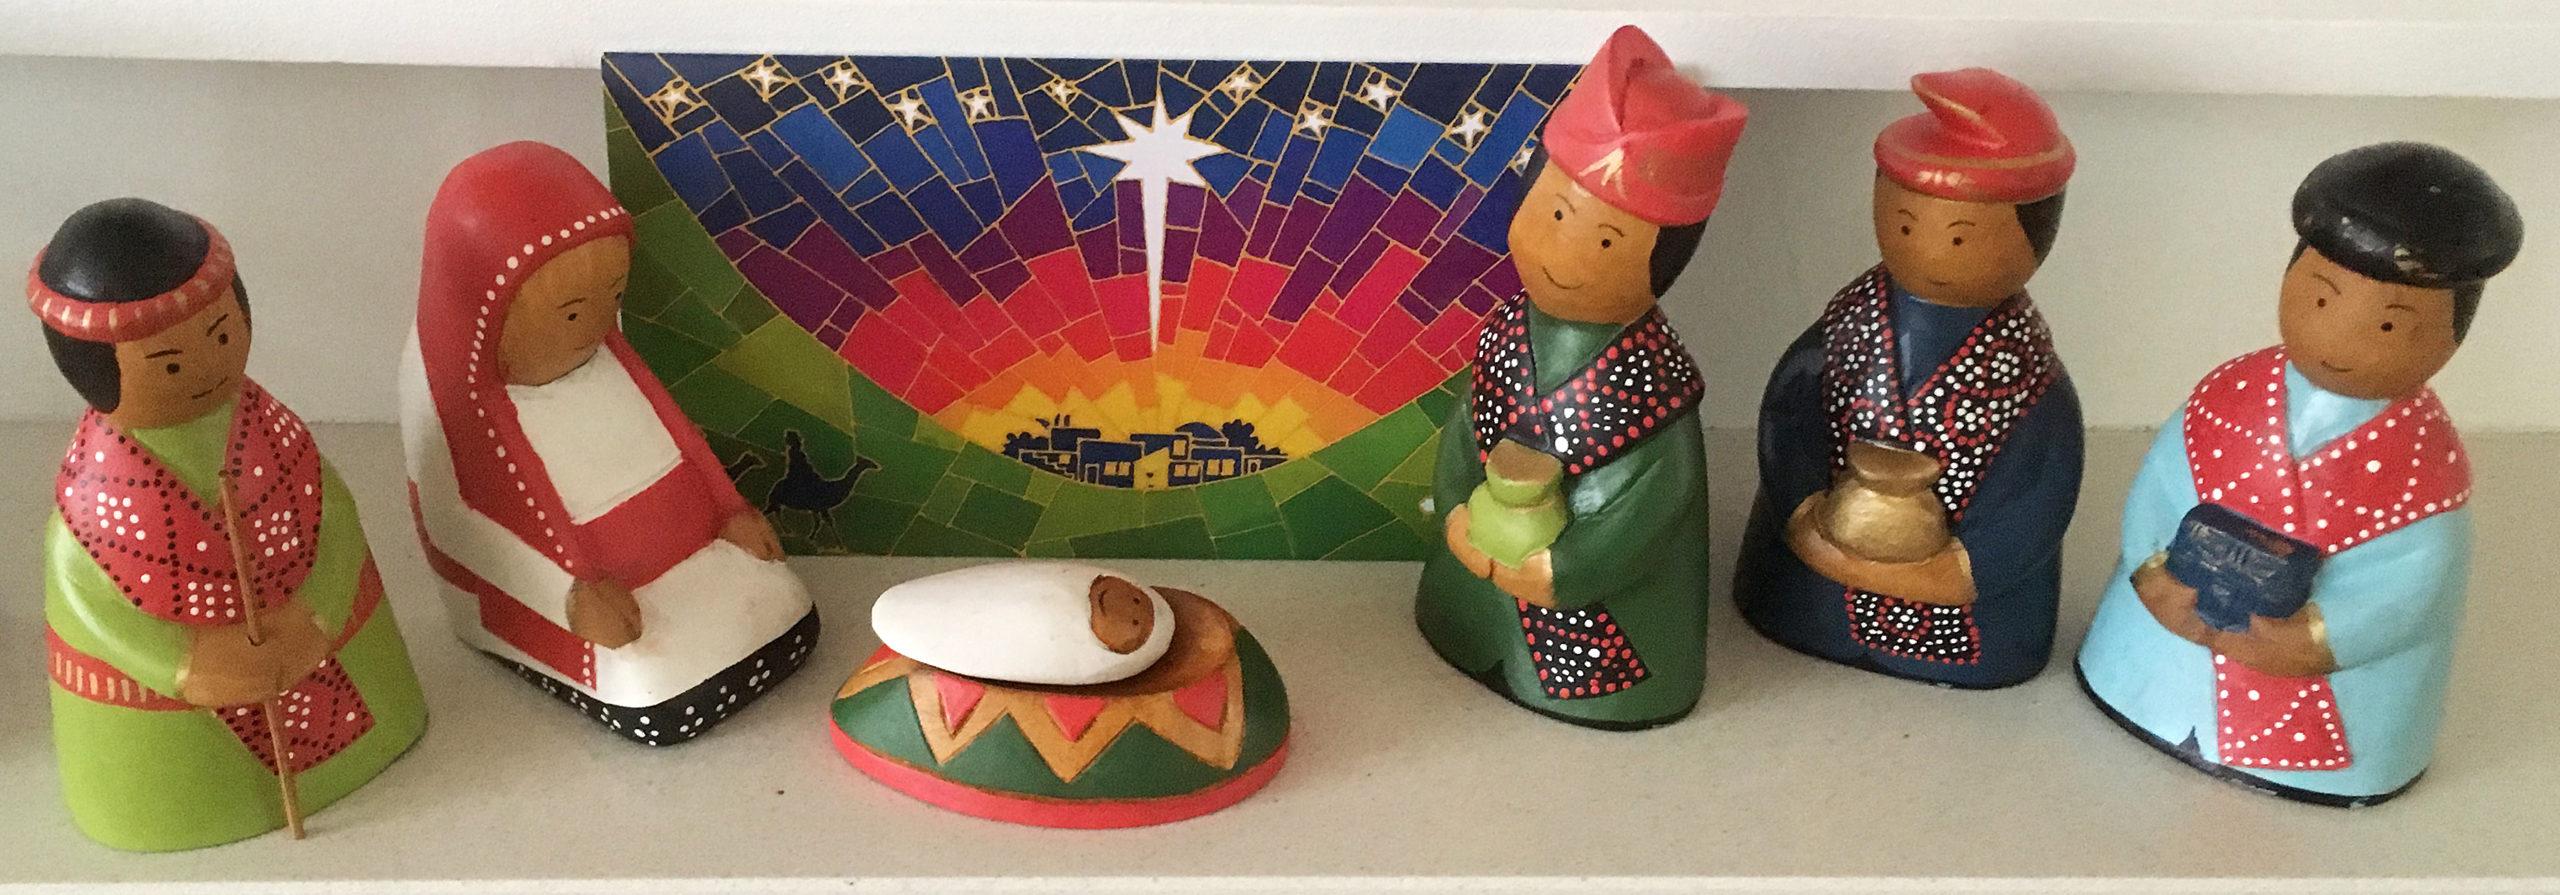 Christian Christmas message